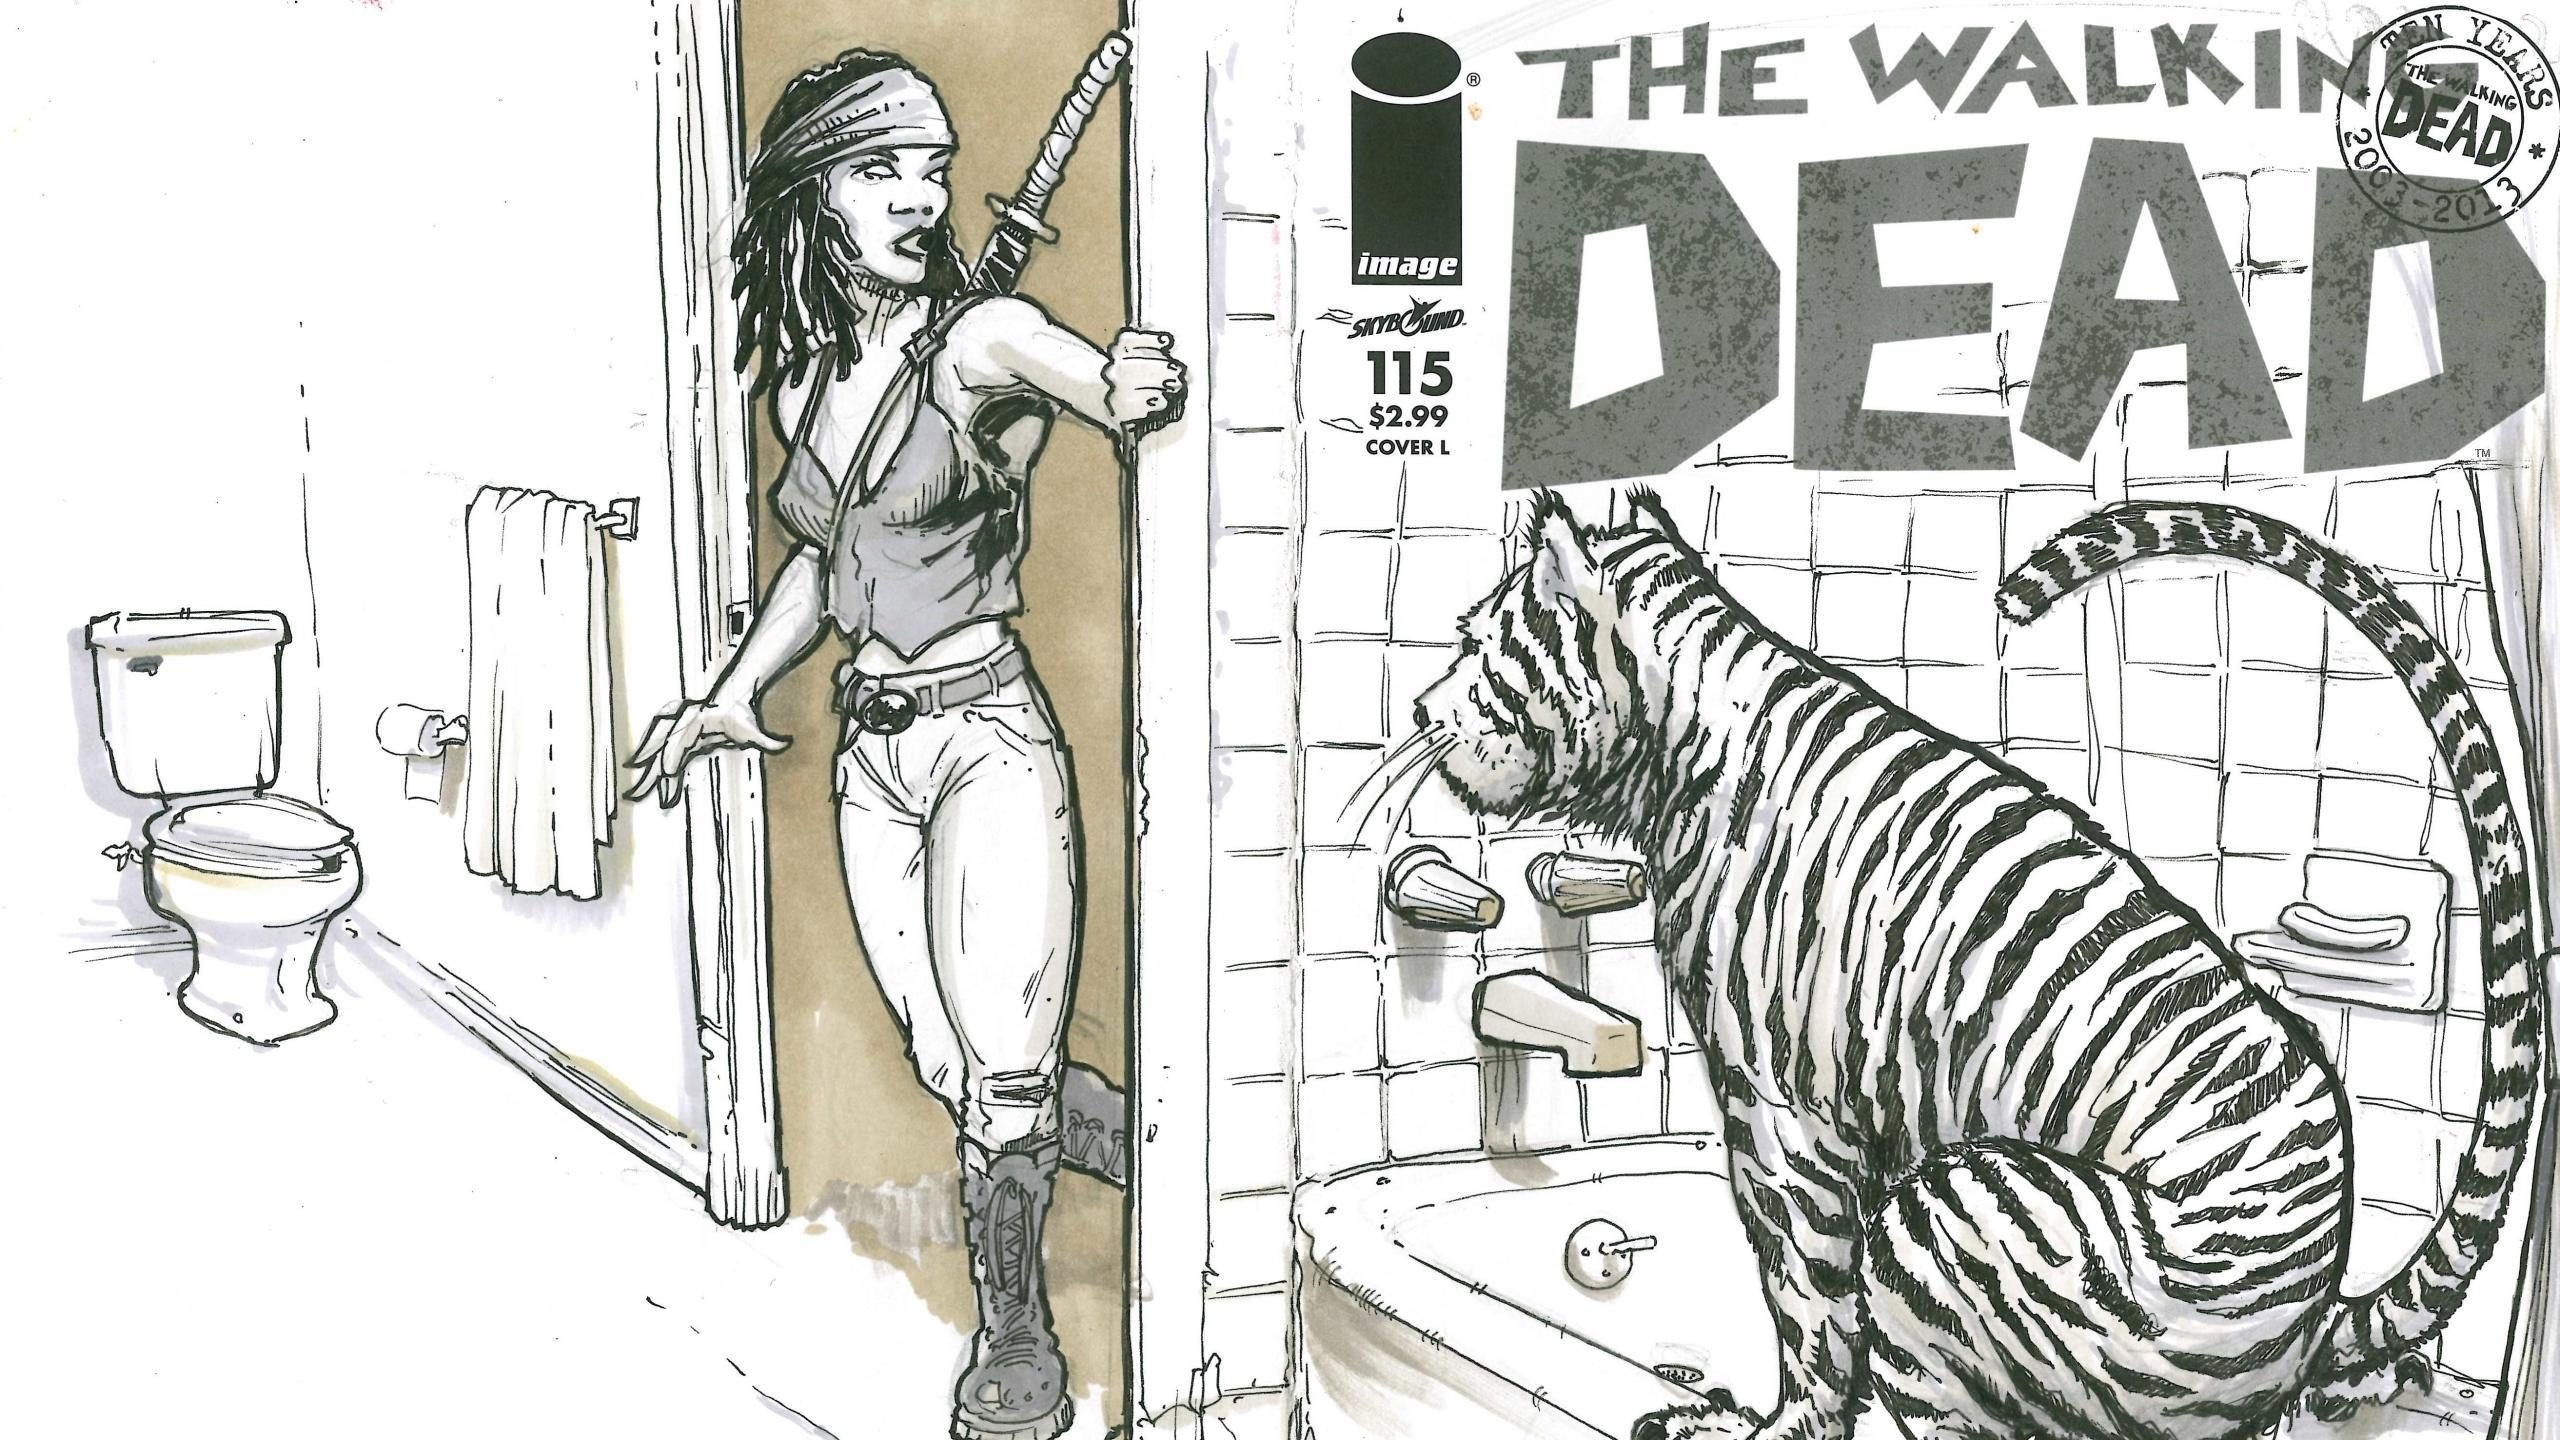 Walking Dead Comics Wallpapers 2560x1440 Desktop Backgrounds